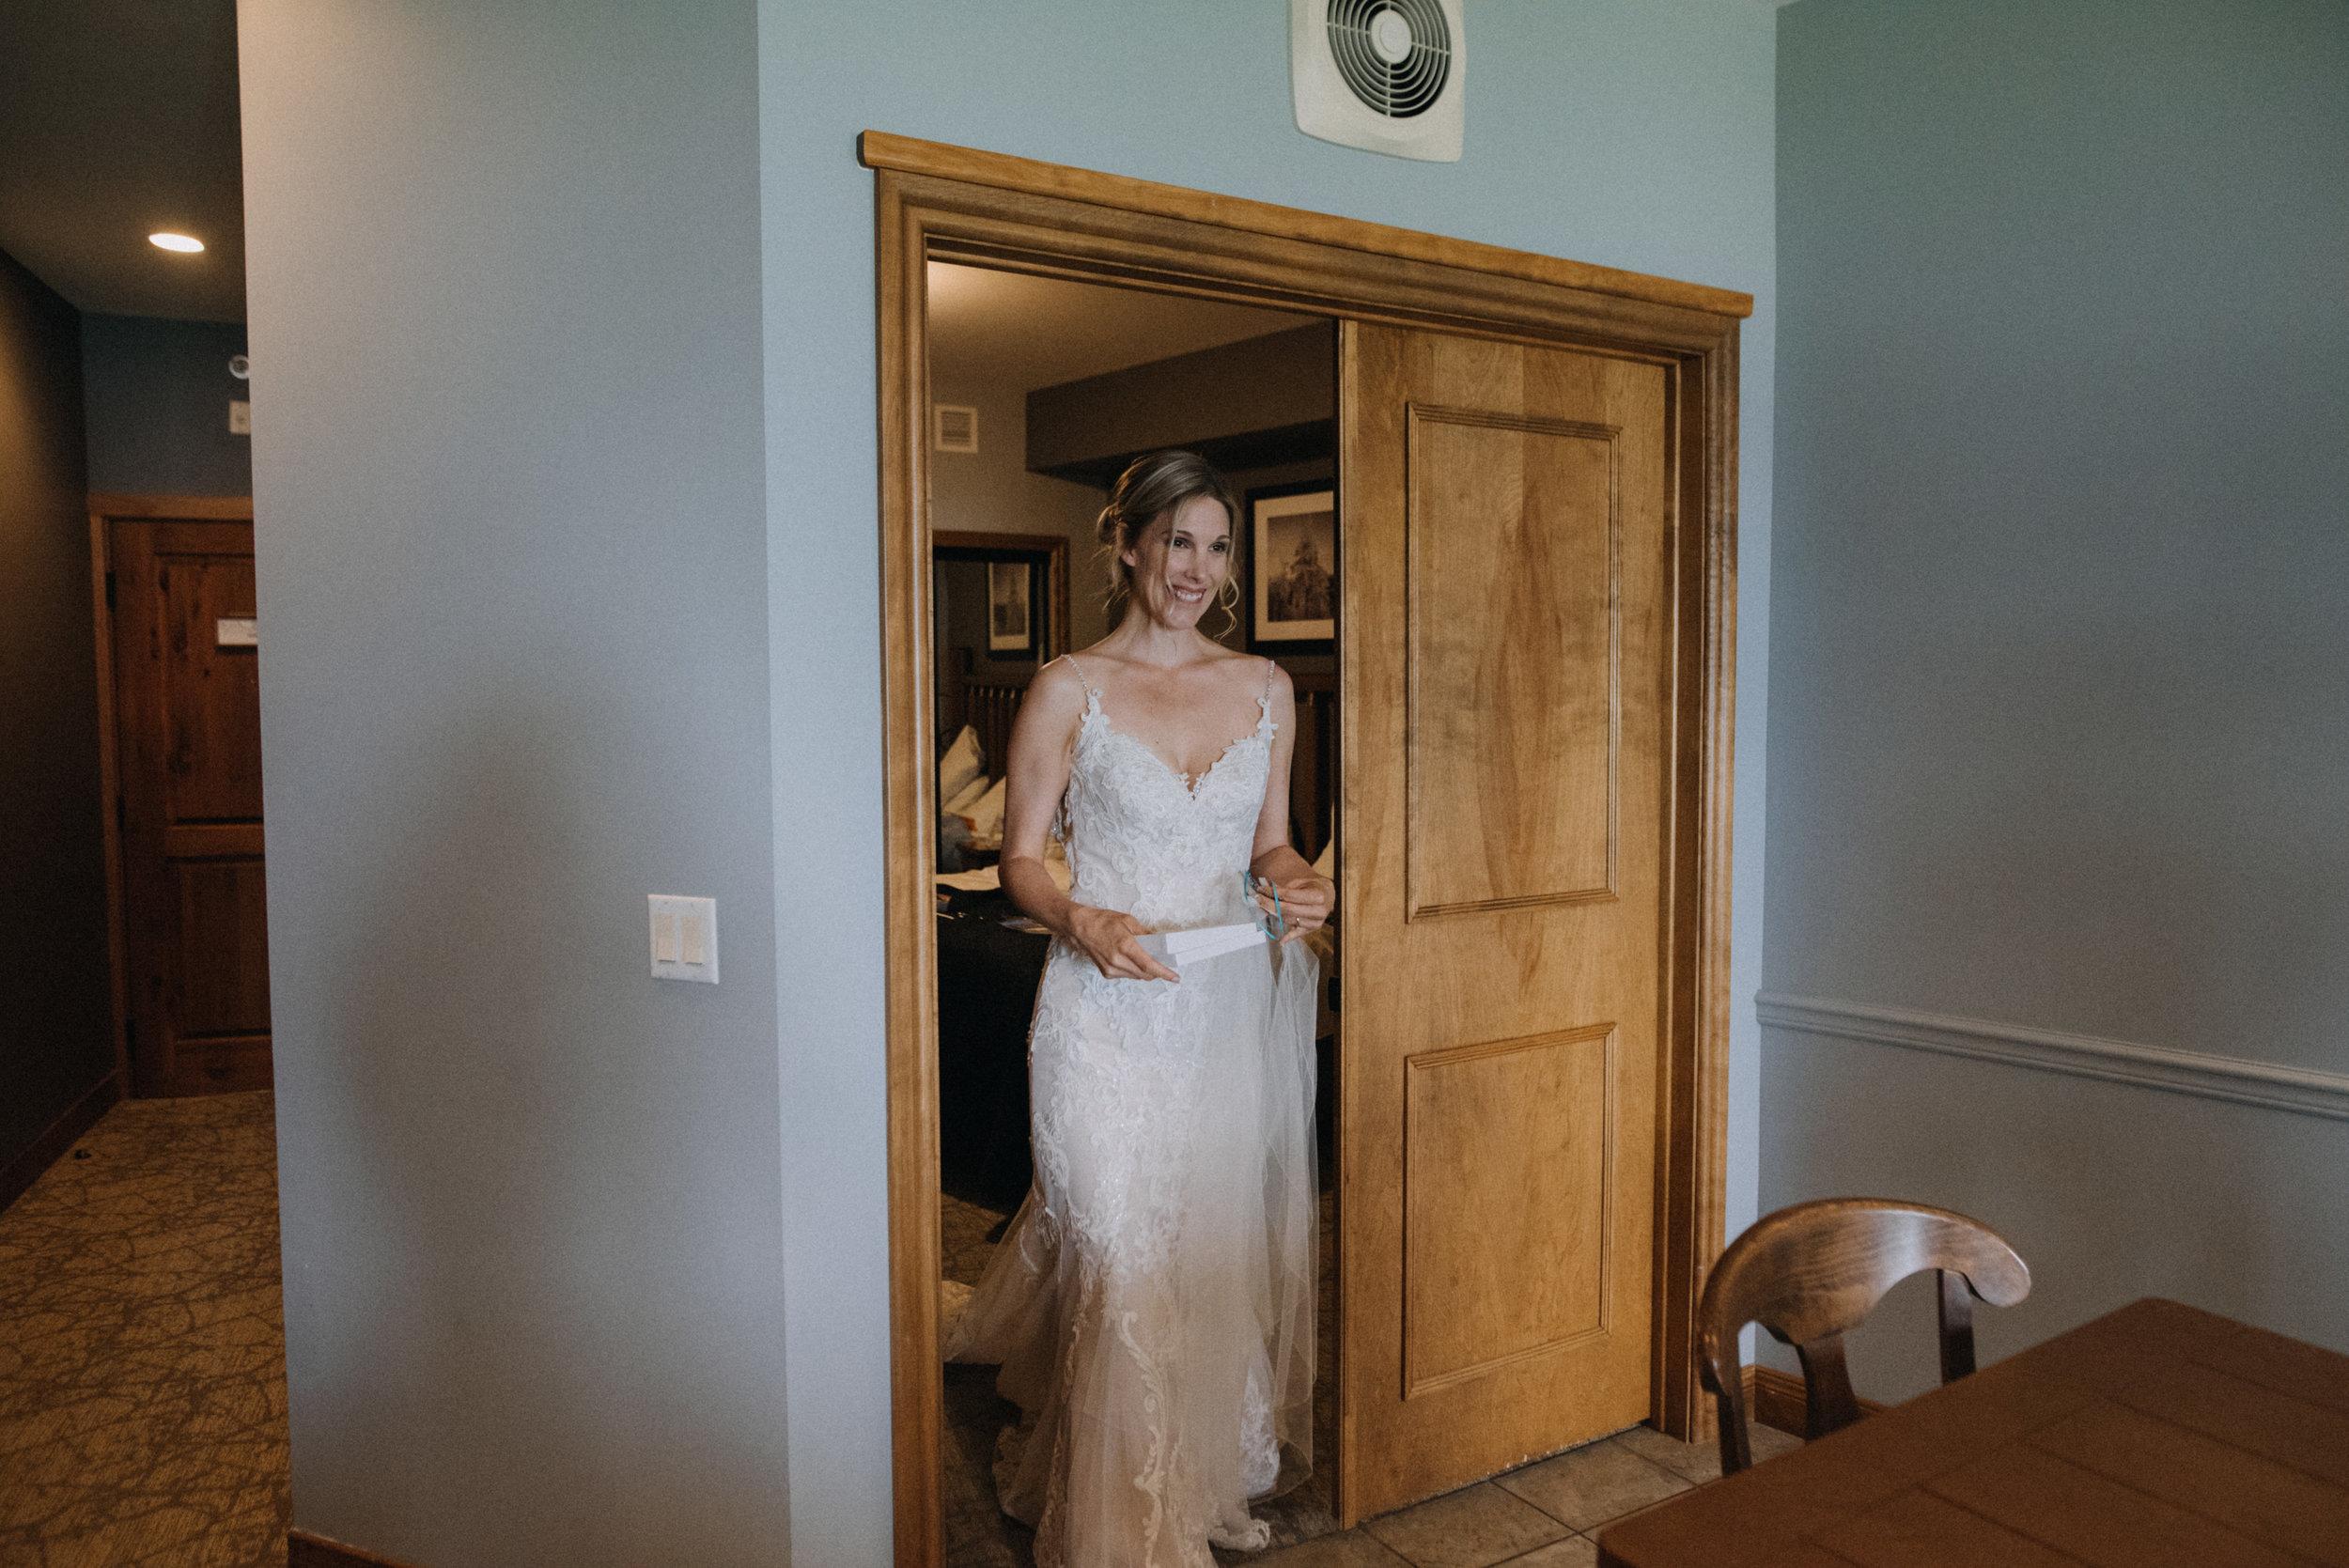 gatineau_photographe_mariage_ottawa_wedding_photography_documentary_candid_unposed_lifestyle_photography_photographie_613_family_famille (18).jpg